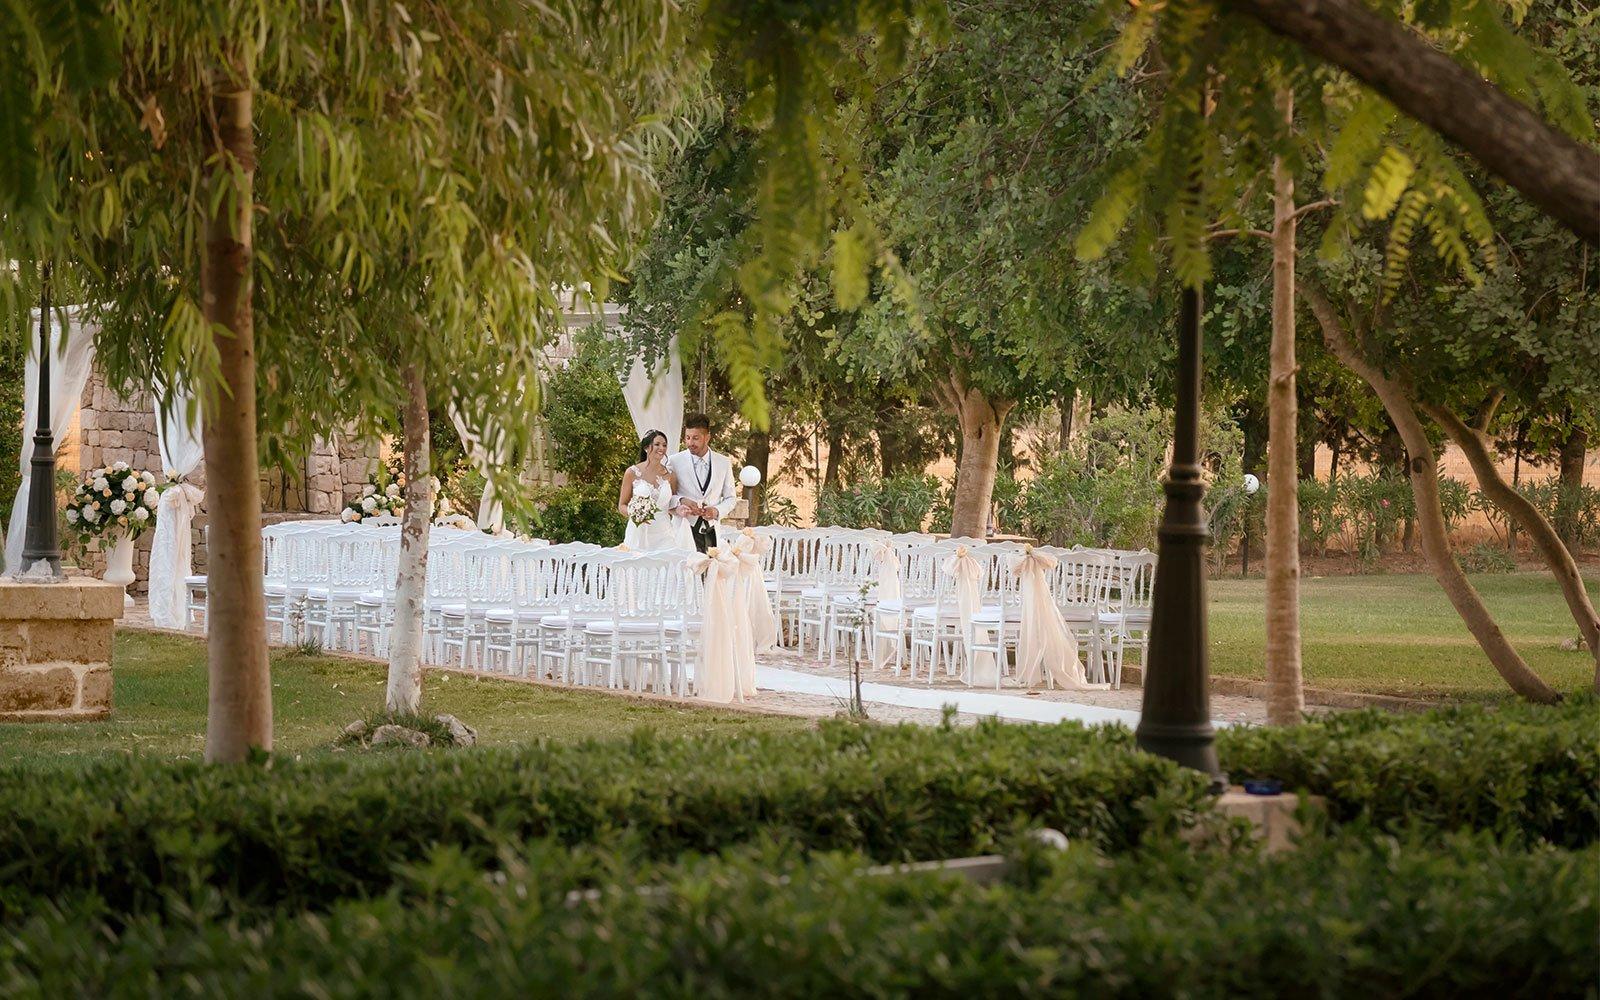 matrimonio-civile-rito-americano